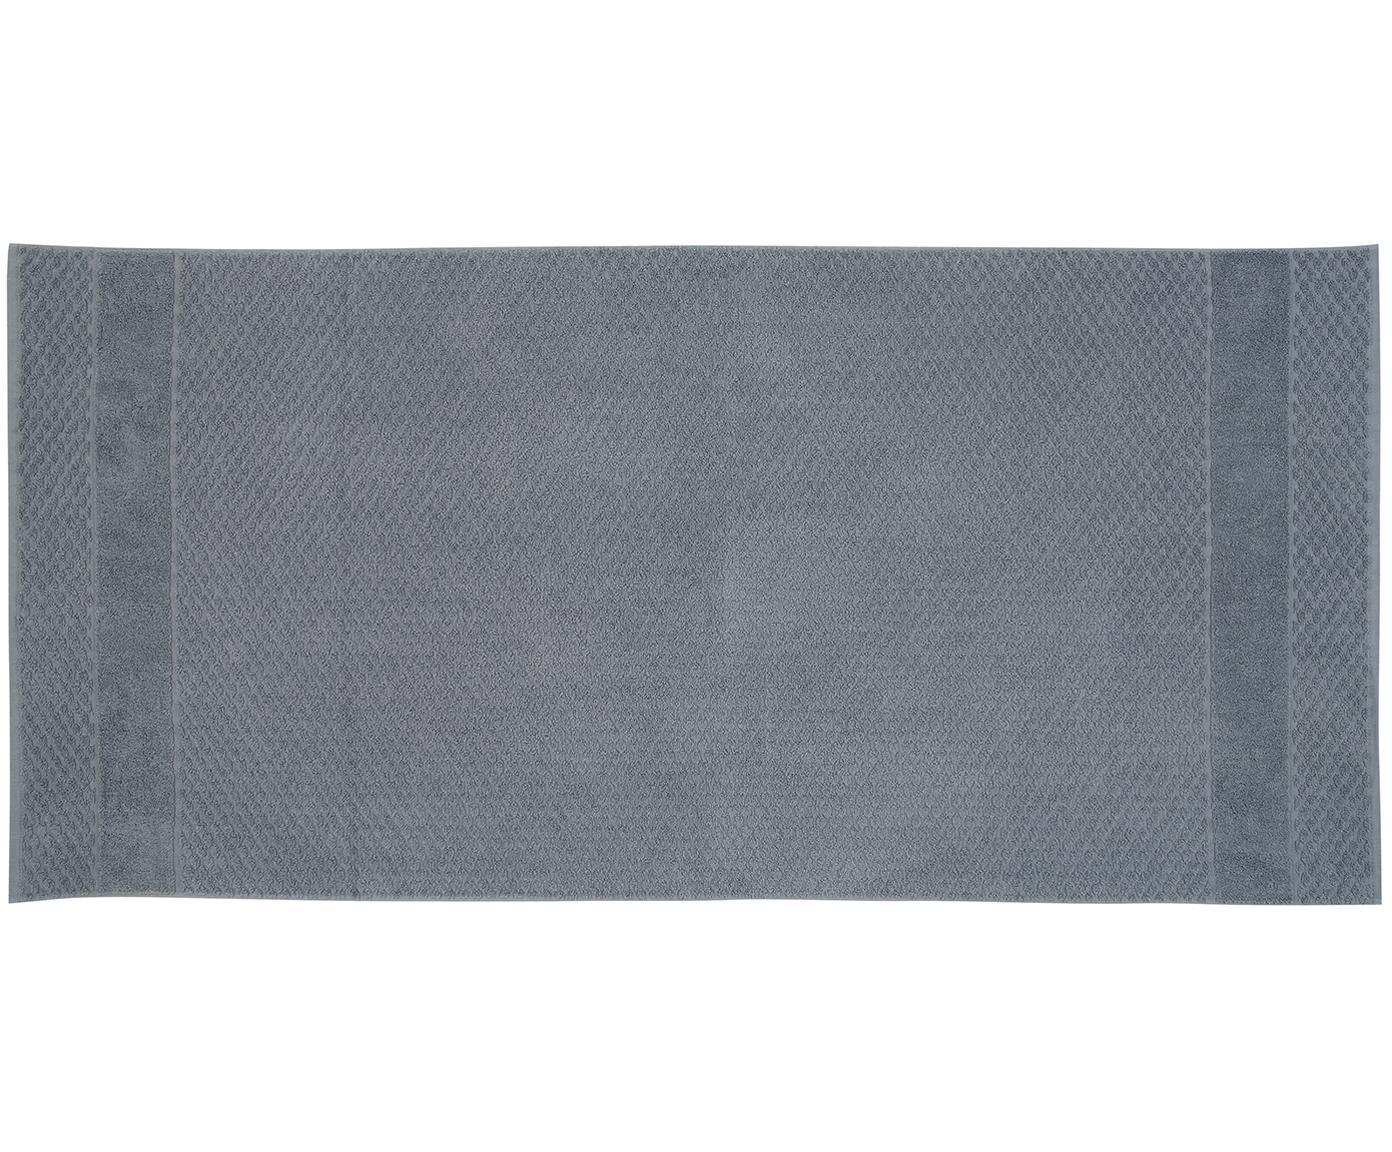 Komplet ręczników Katharina, 3 elem., Bawełna Średnia gramatura, 500g/m², Ciemnyszary, Różne rozmiary